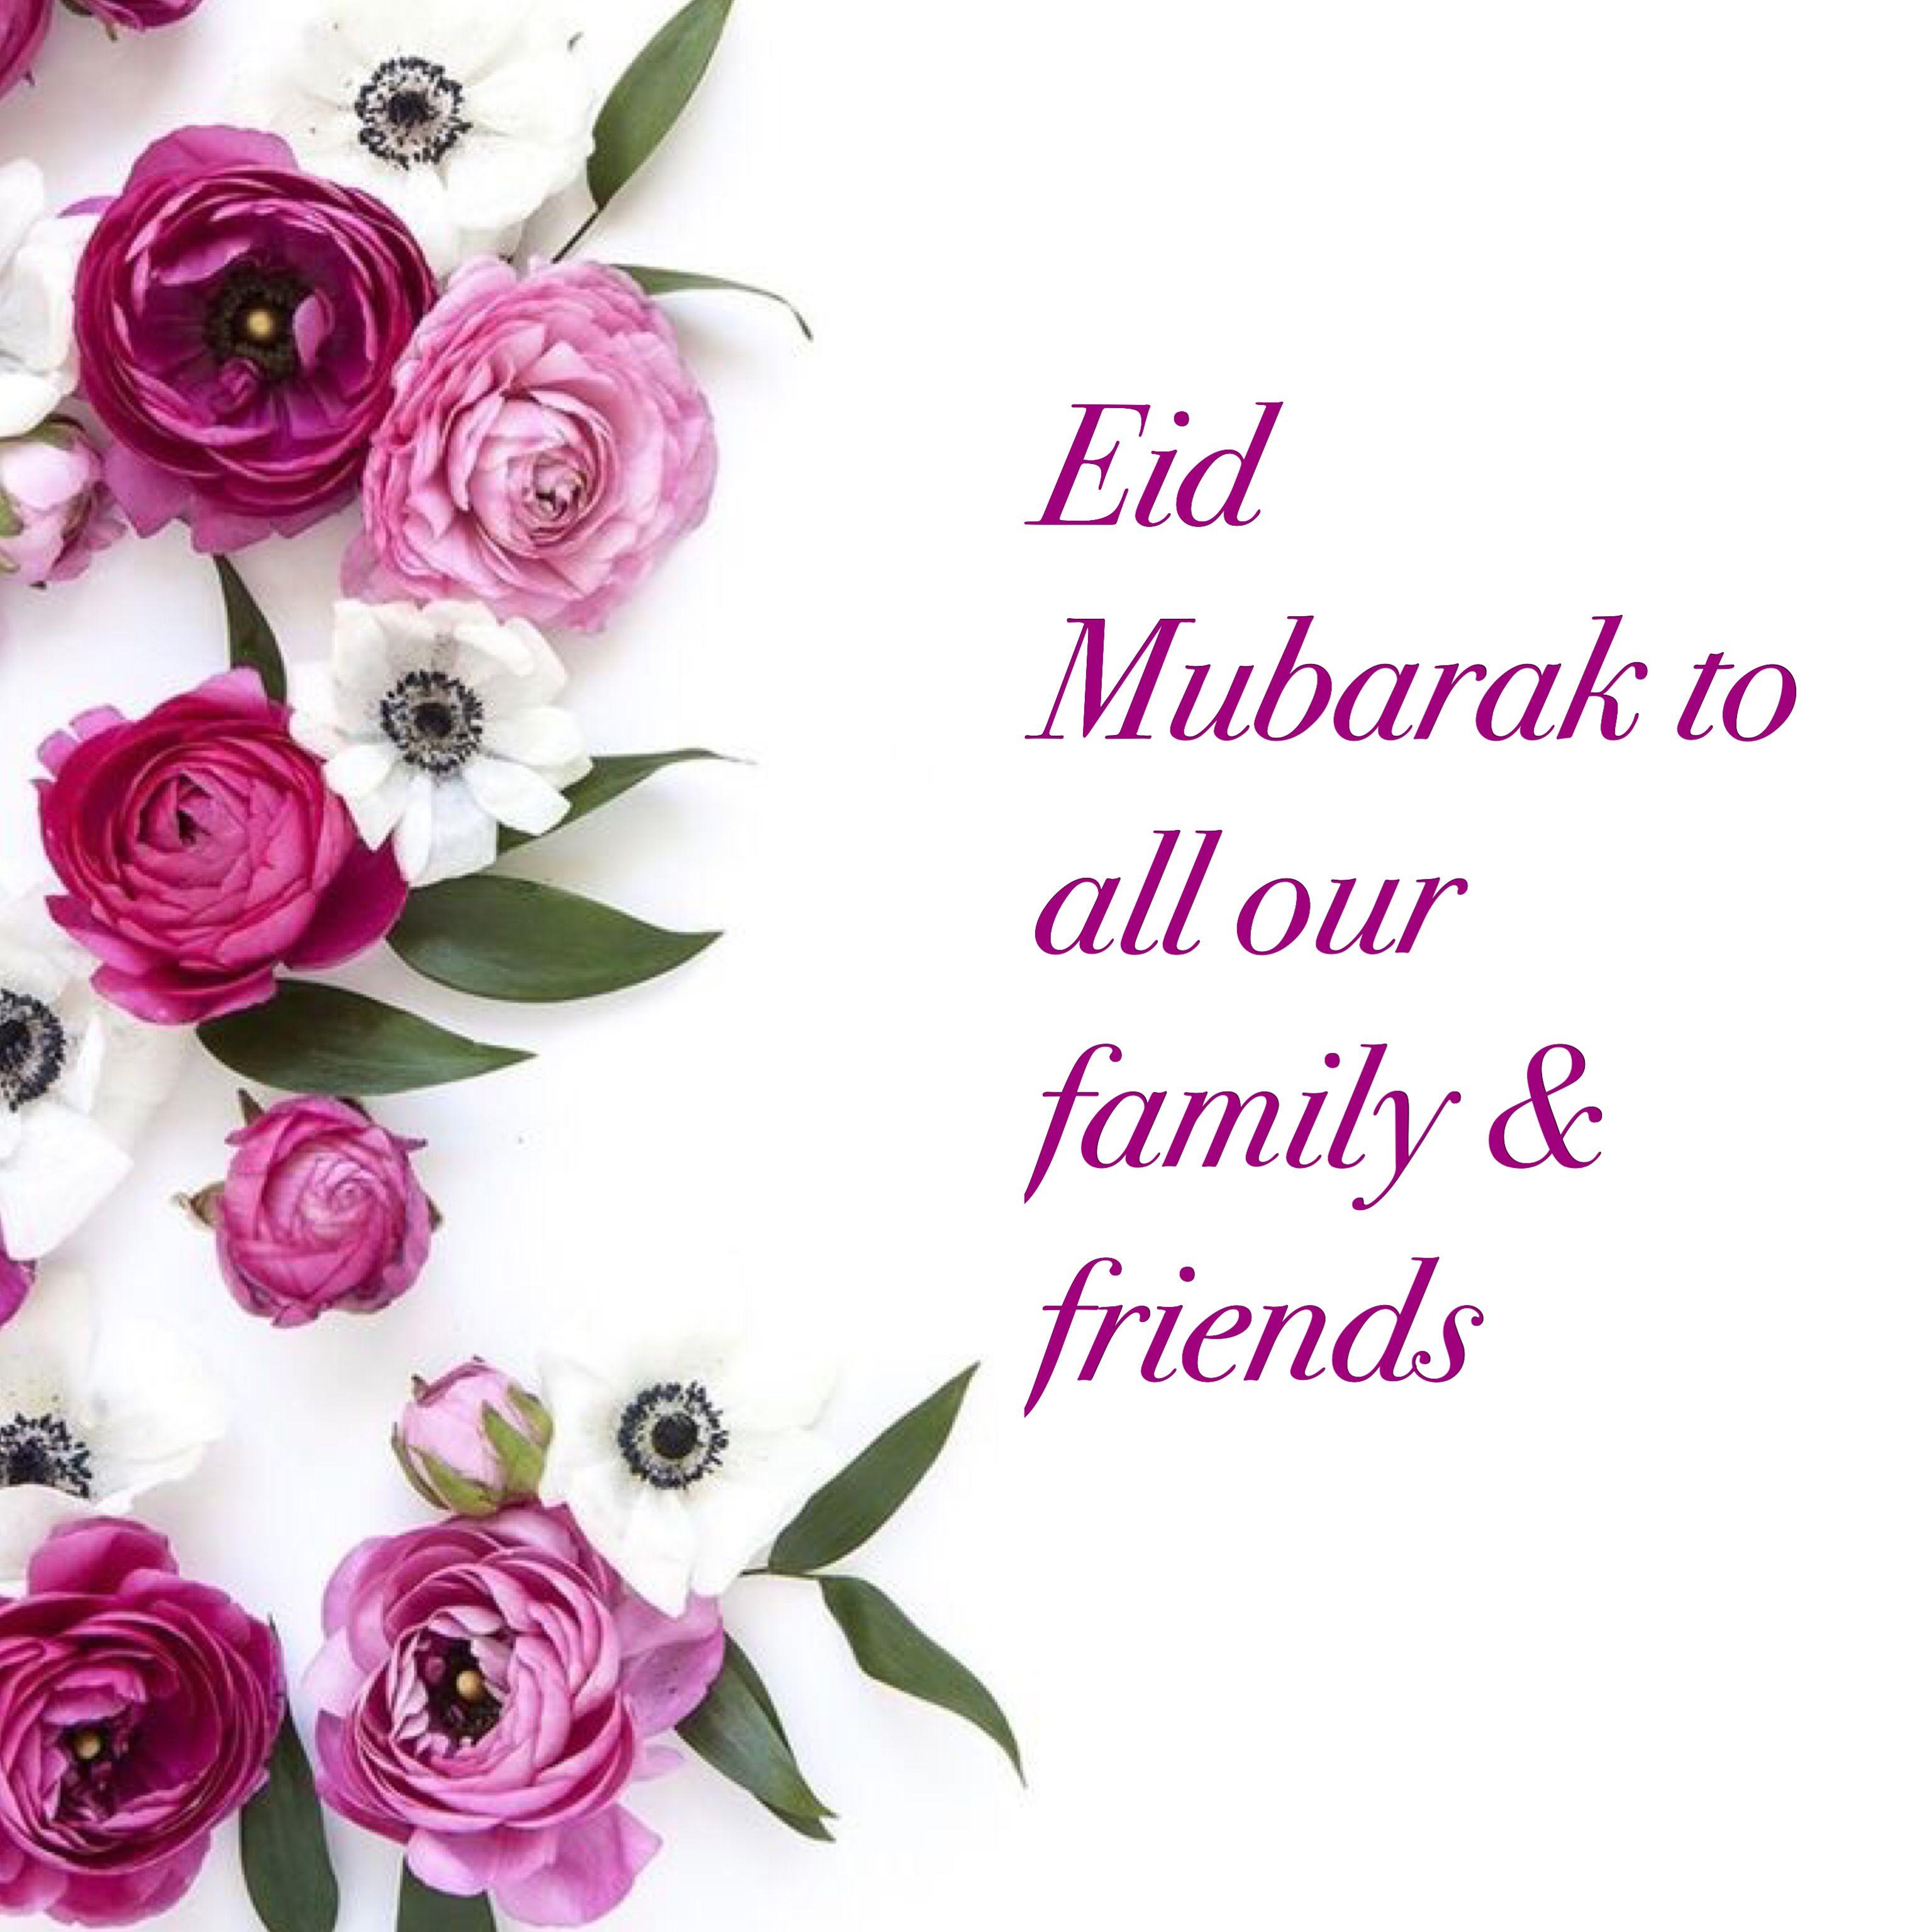 Pin by Shenaz Asraf on Eid Mubarak | Pinterest | Eid mubarak and Eid